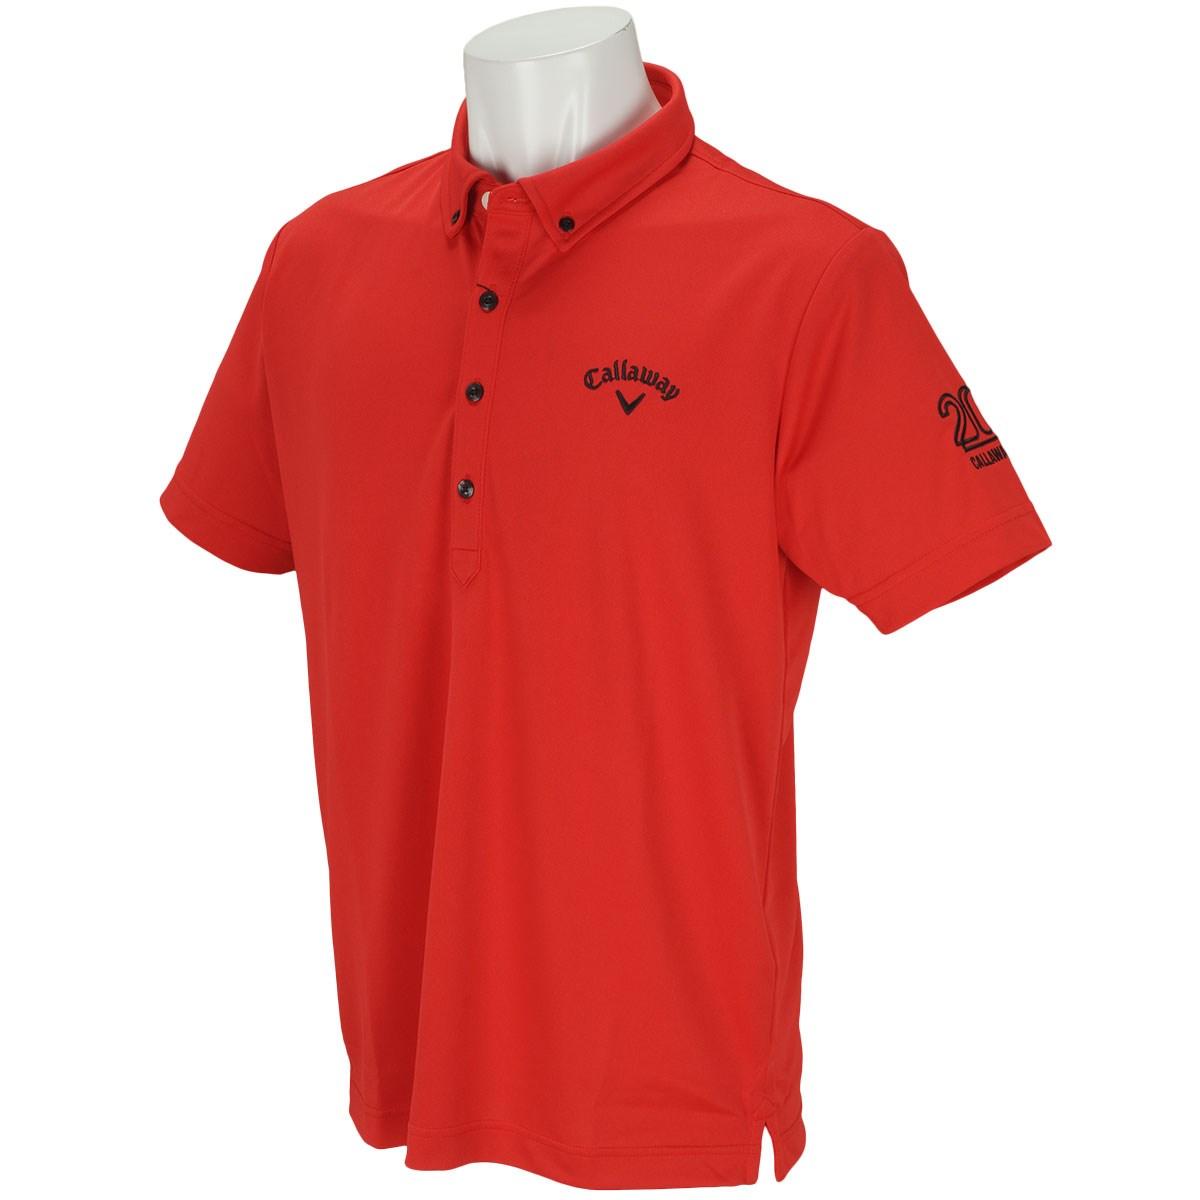 キャロウェイゴルフ Callaway Golf LOTUS MAGIC ボタンダウンボックス半袖ポロシャツ LL レッド 100